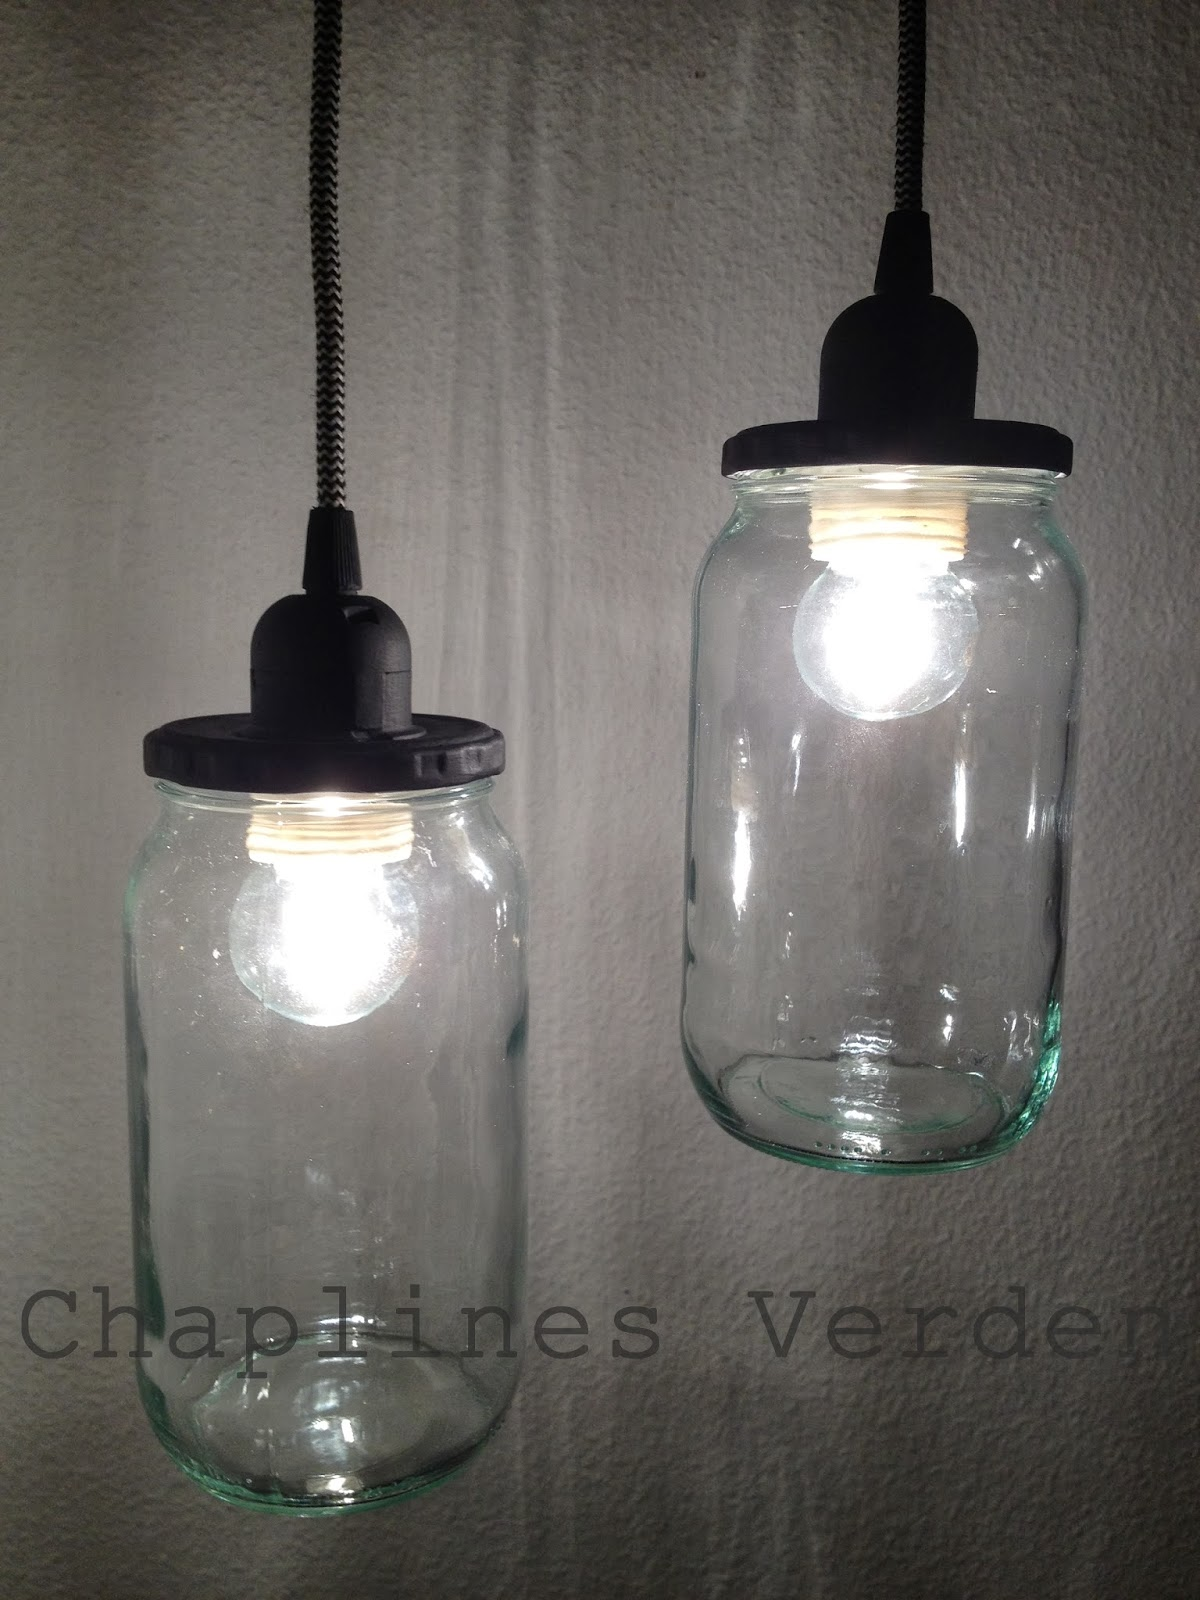 Chaplines verden: diy lamper